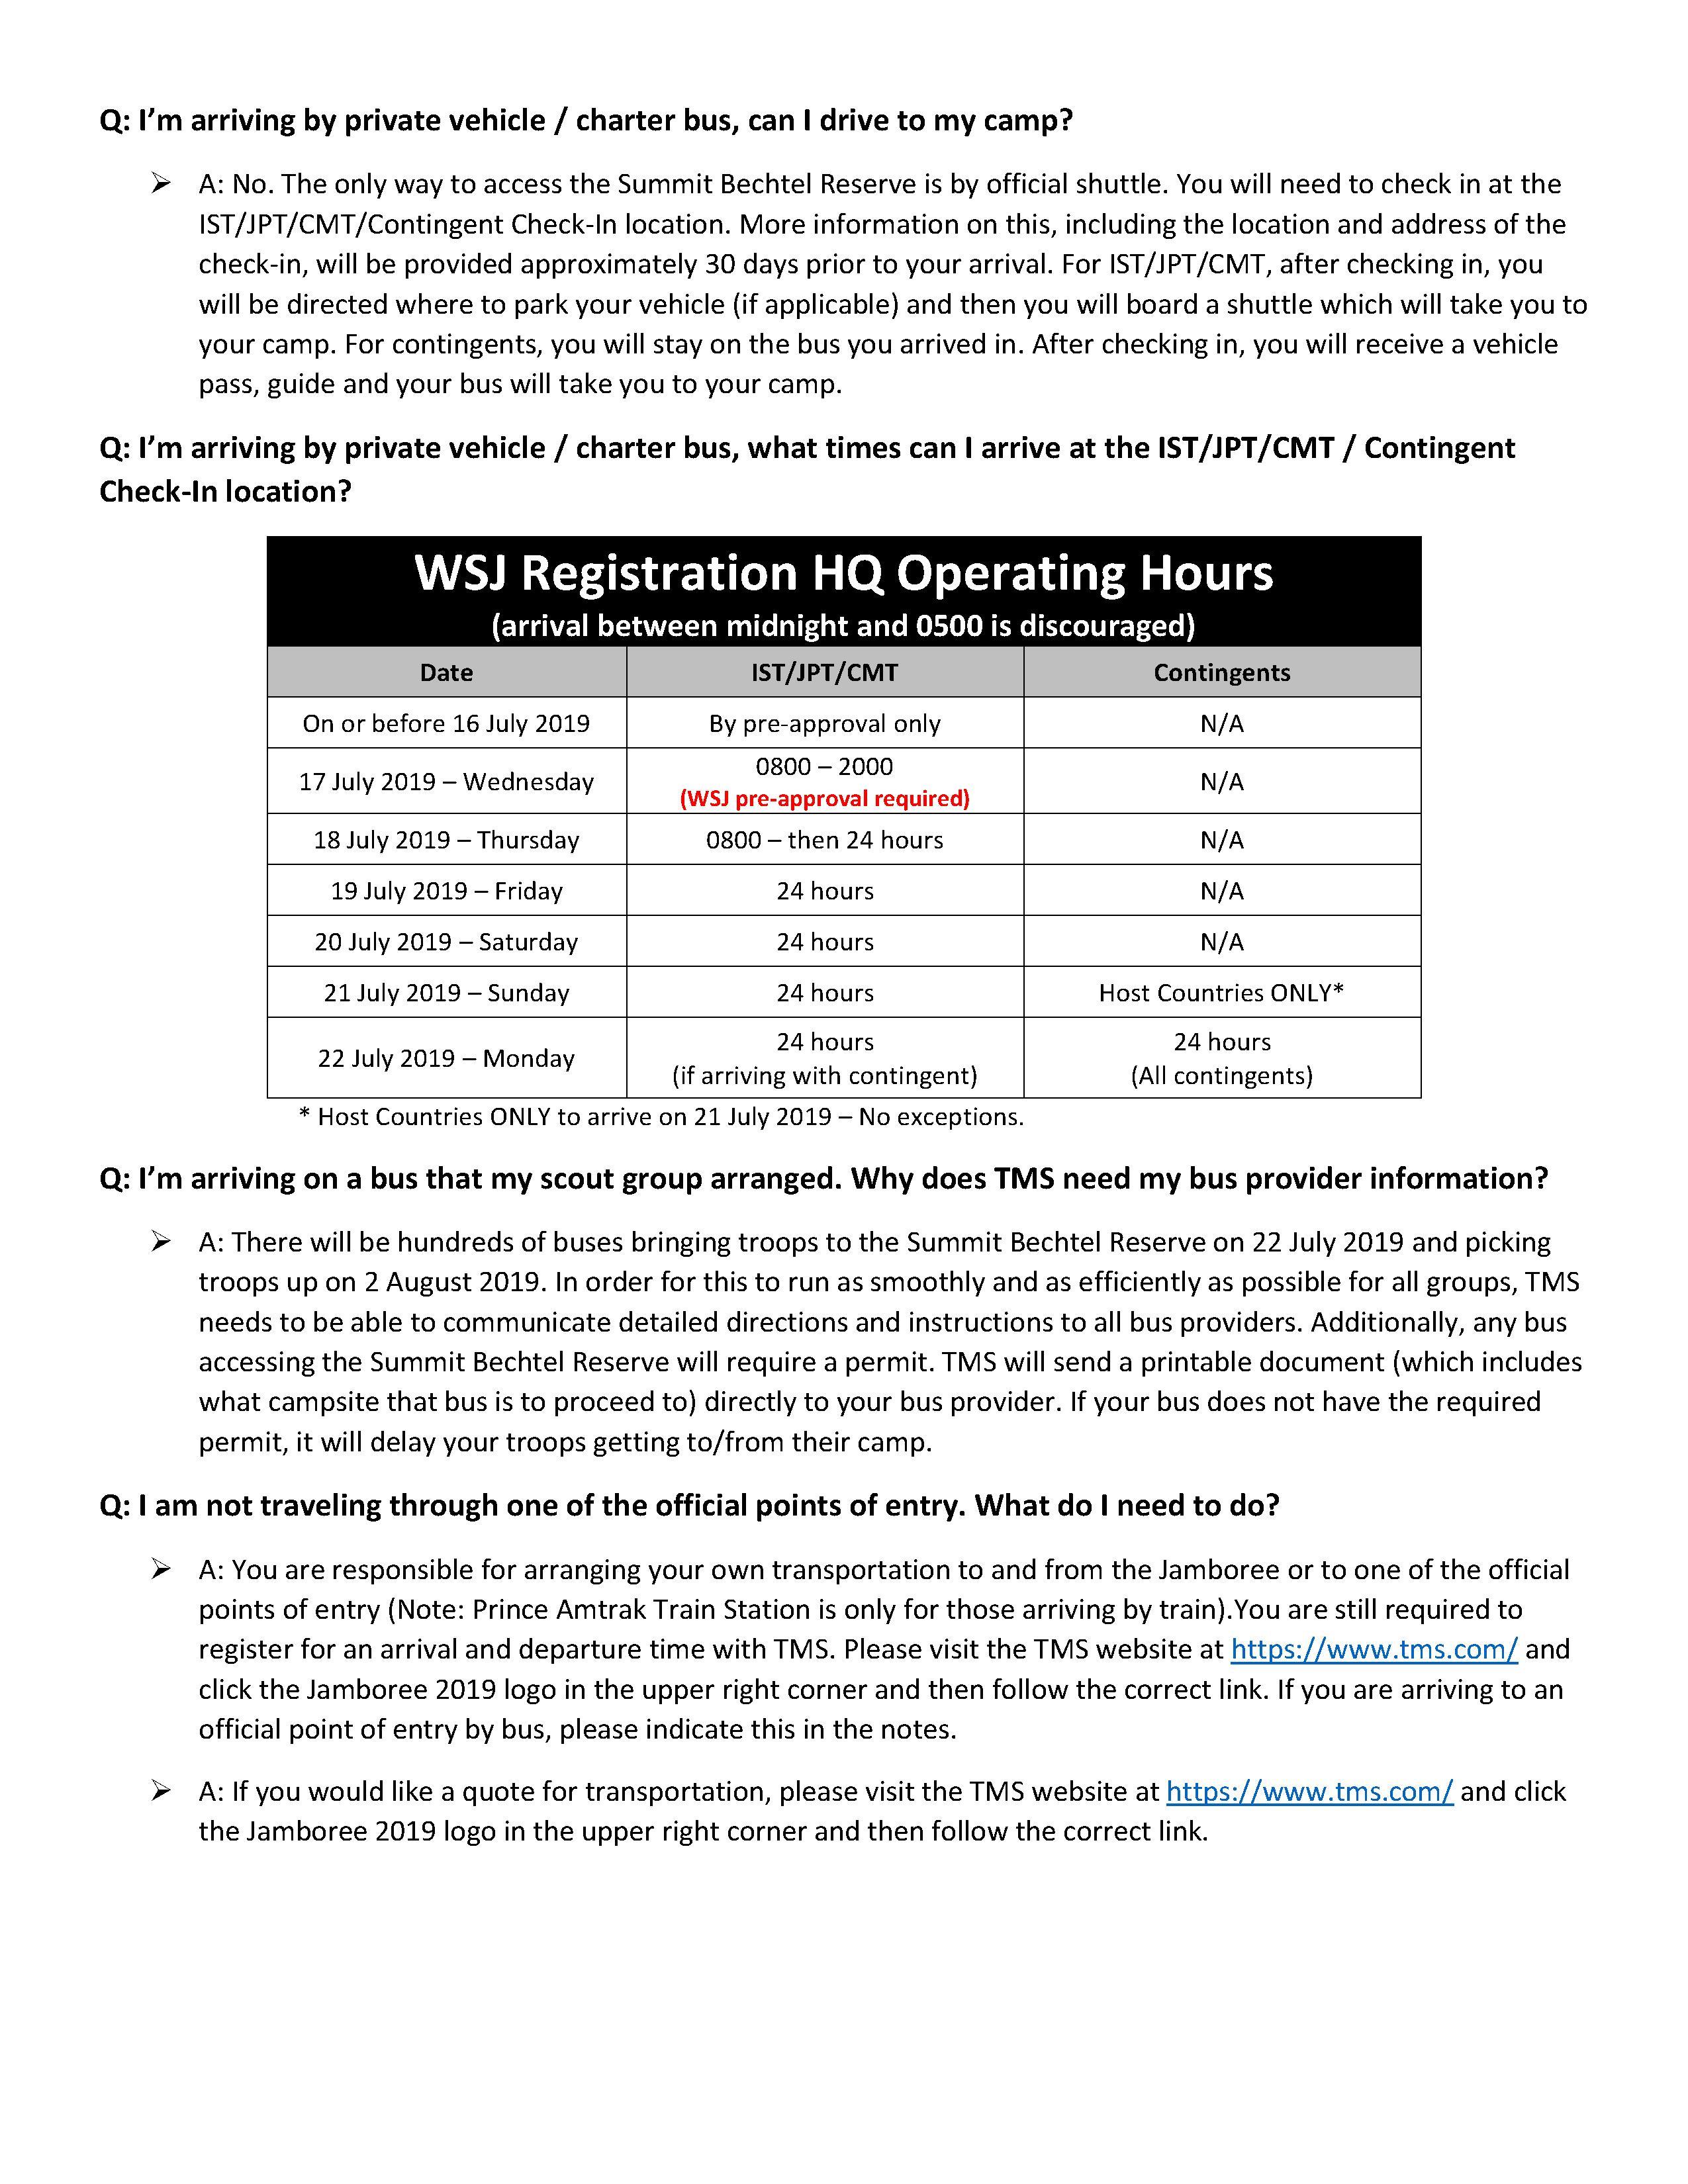 TMS FAQ's - REVISED 3 13 19_4